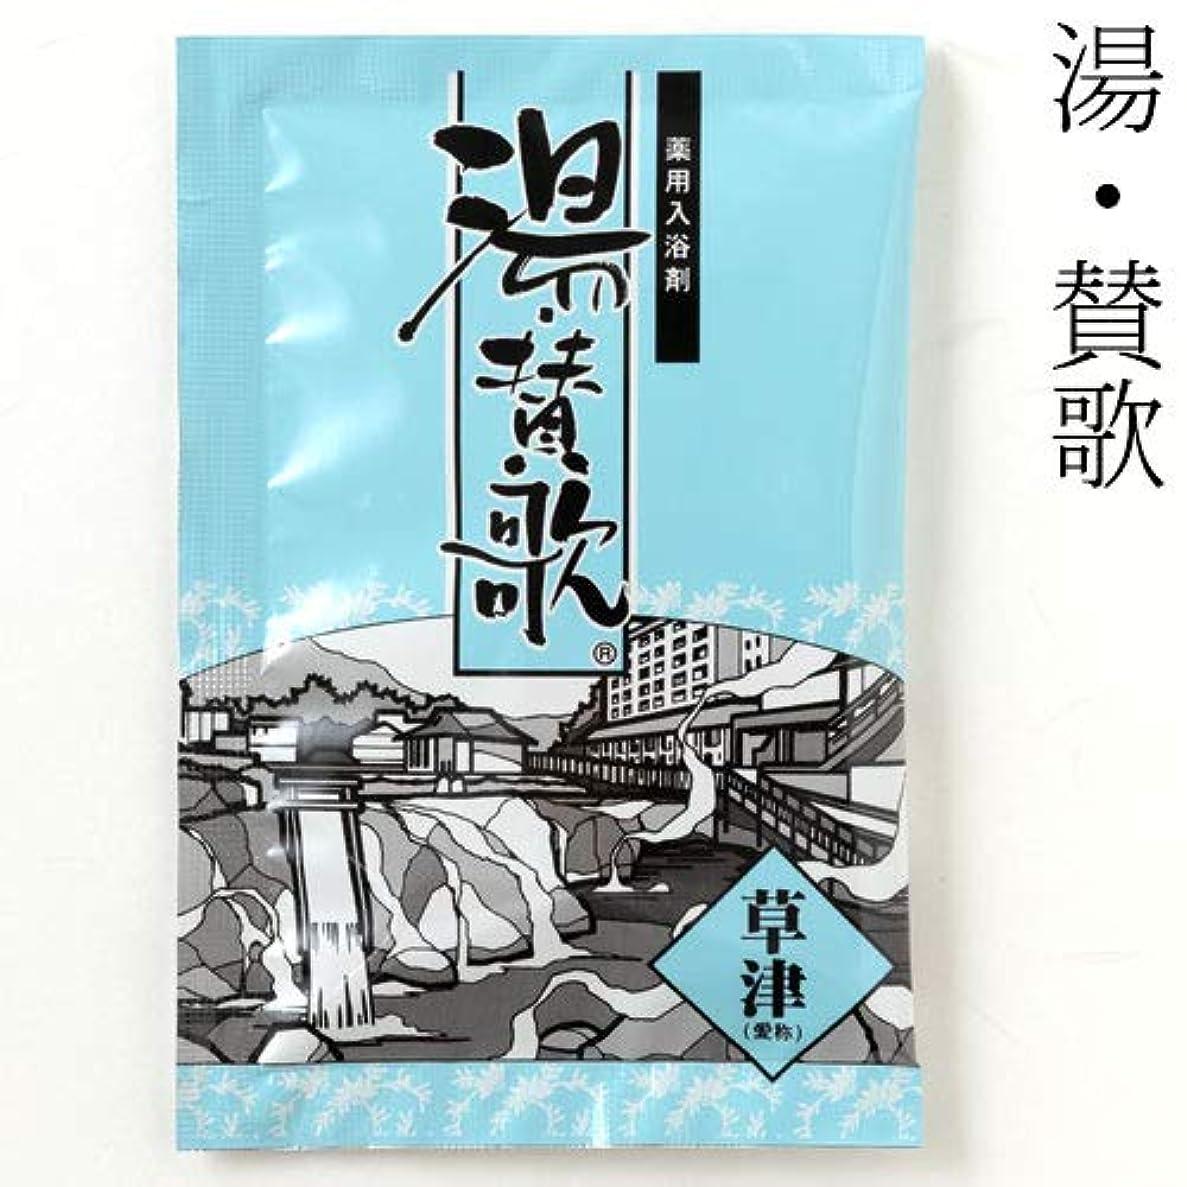 荒らす調整する安心入浴剤湯?賛歌草津1包石川県のお風呂グッズBath additive, Ishikawa craft